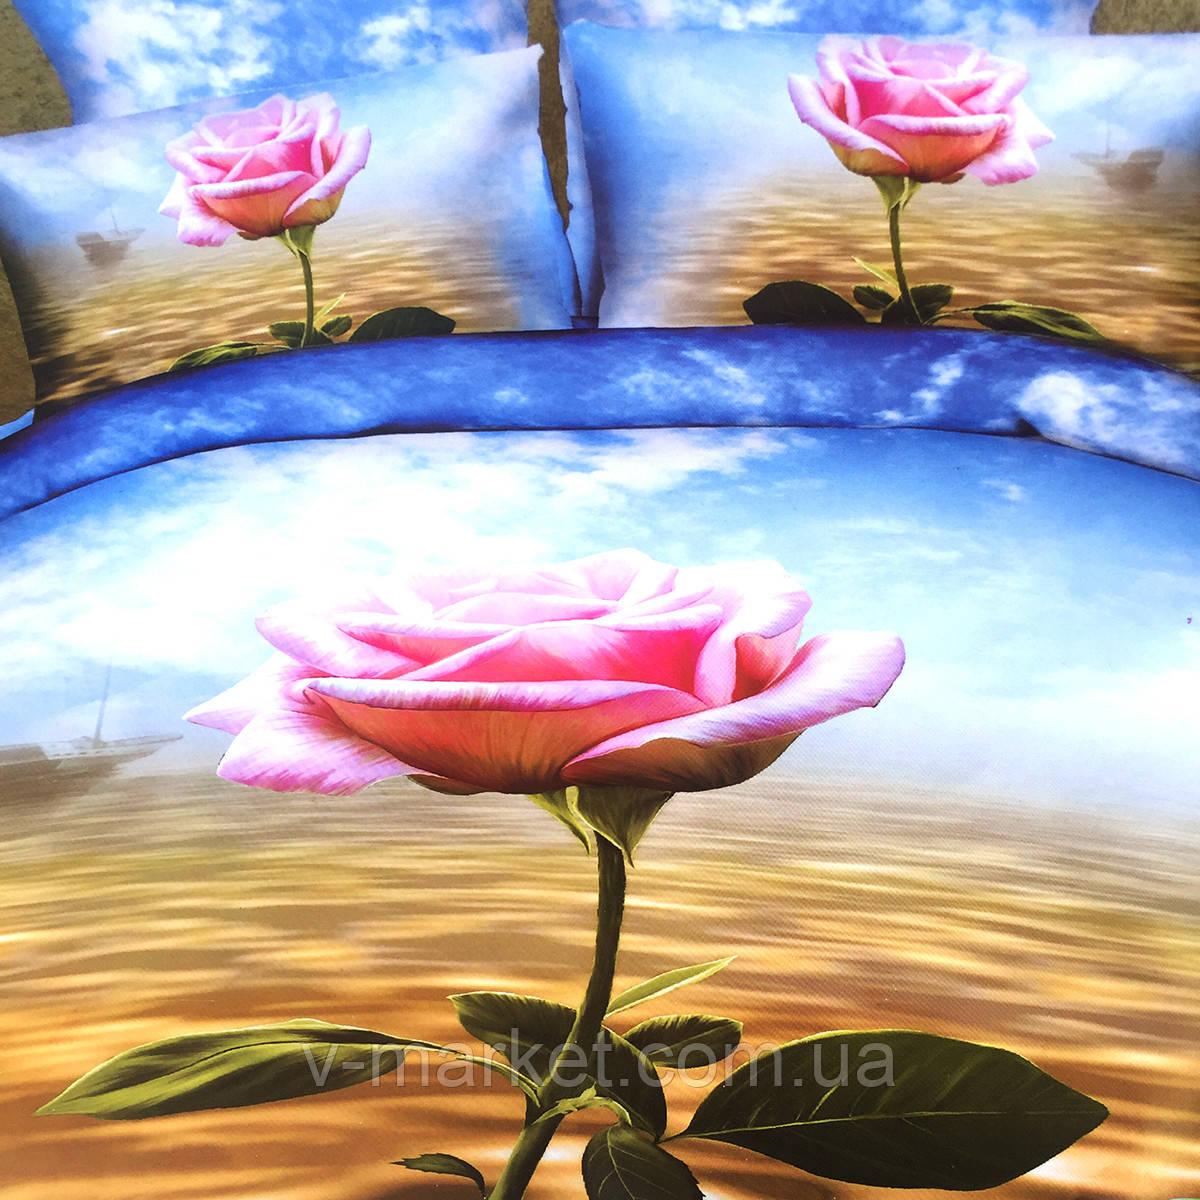 """""""Роза"""" Евро размер постельное белье 3D ELWAY (Польша), 200/220 см, 4 наволочки, ткань сатин (100% хлопок)."""